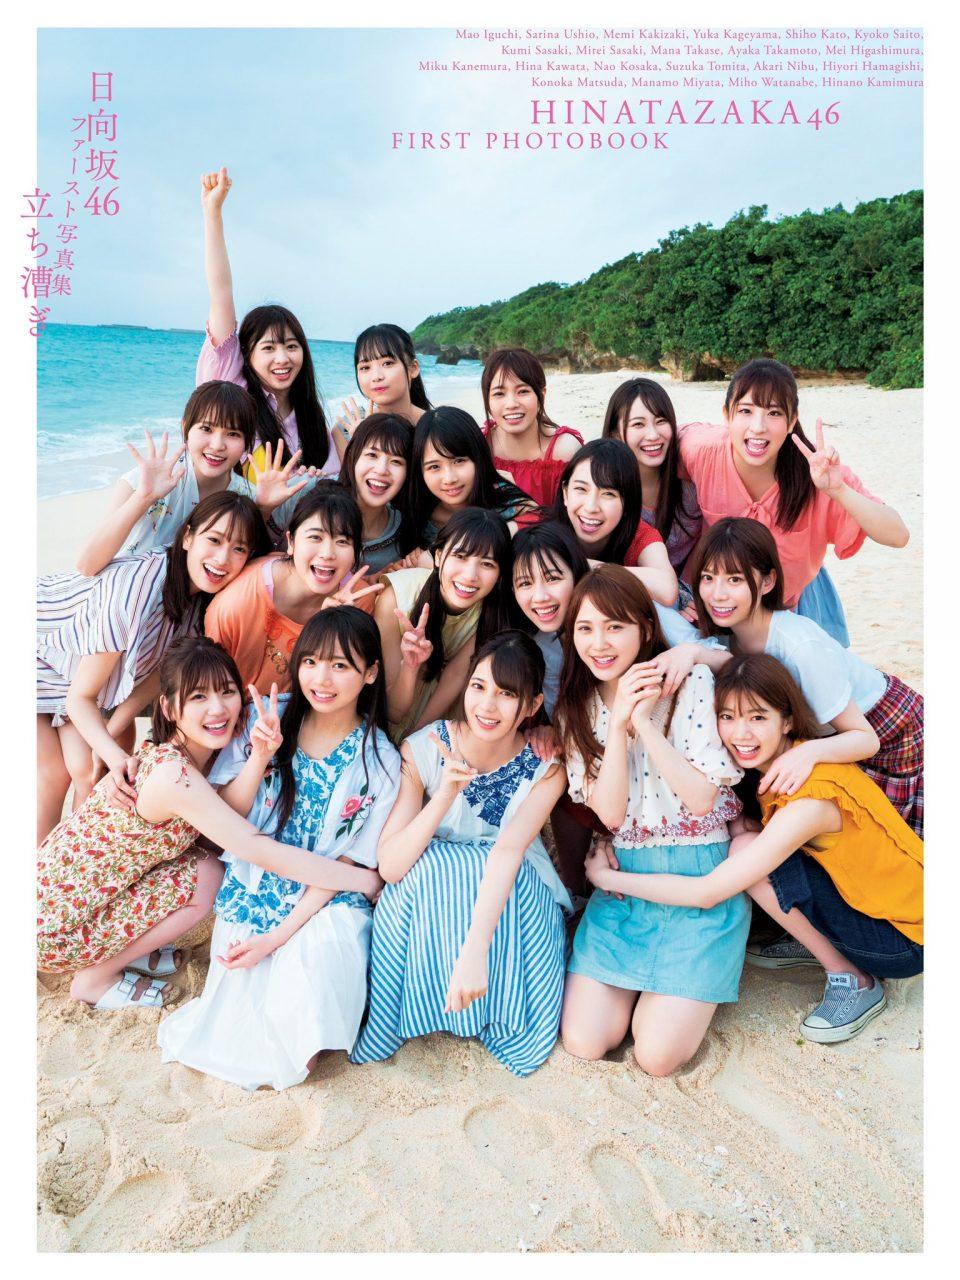 日向坂46 1stグループ写真集「立ち漕ぎ」